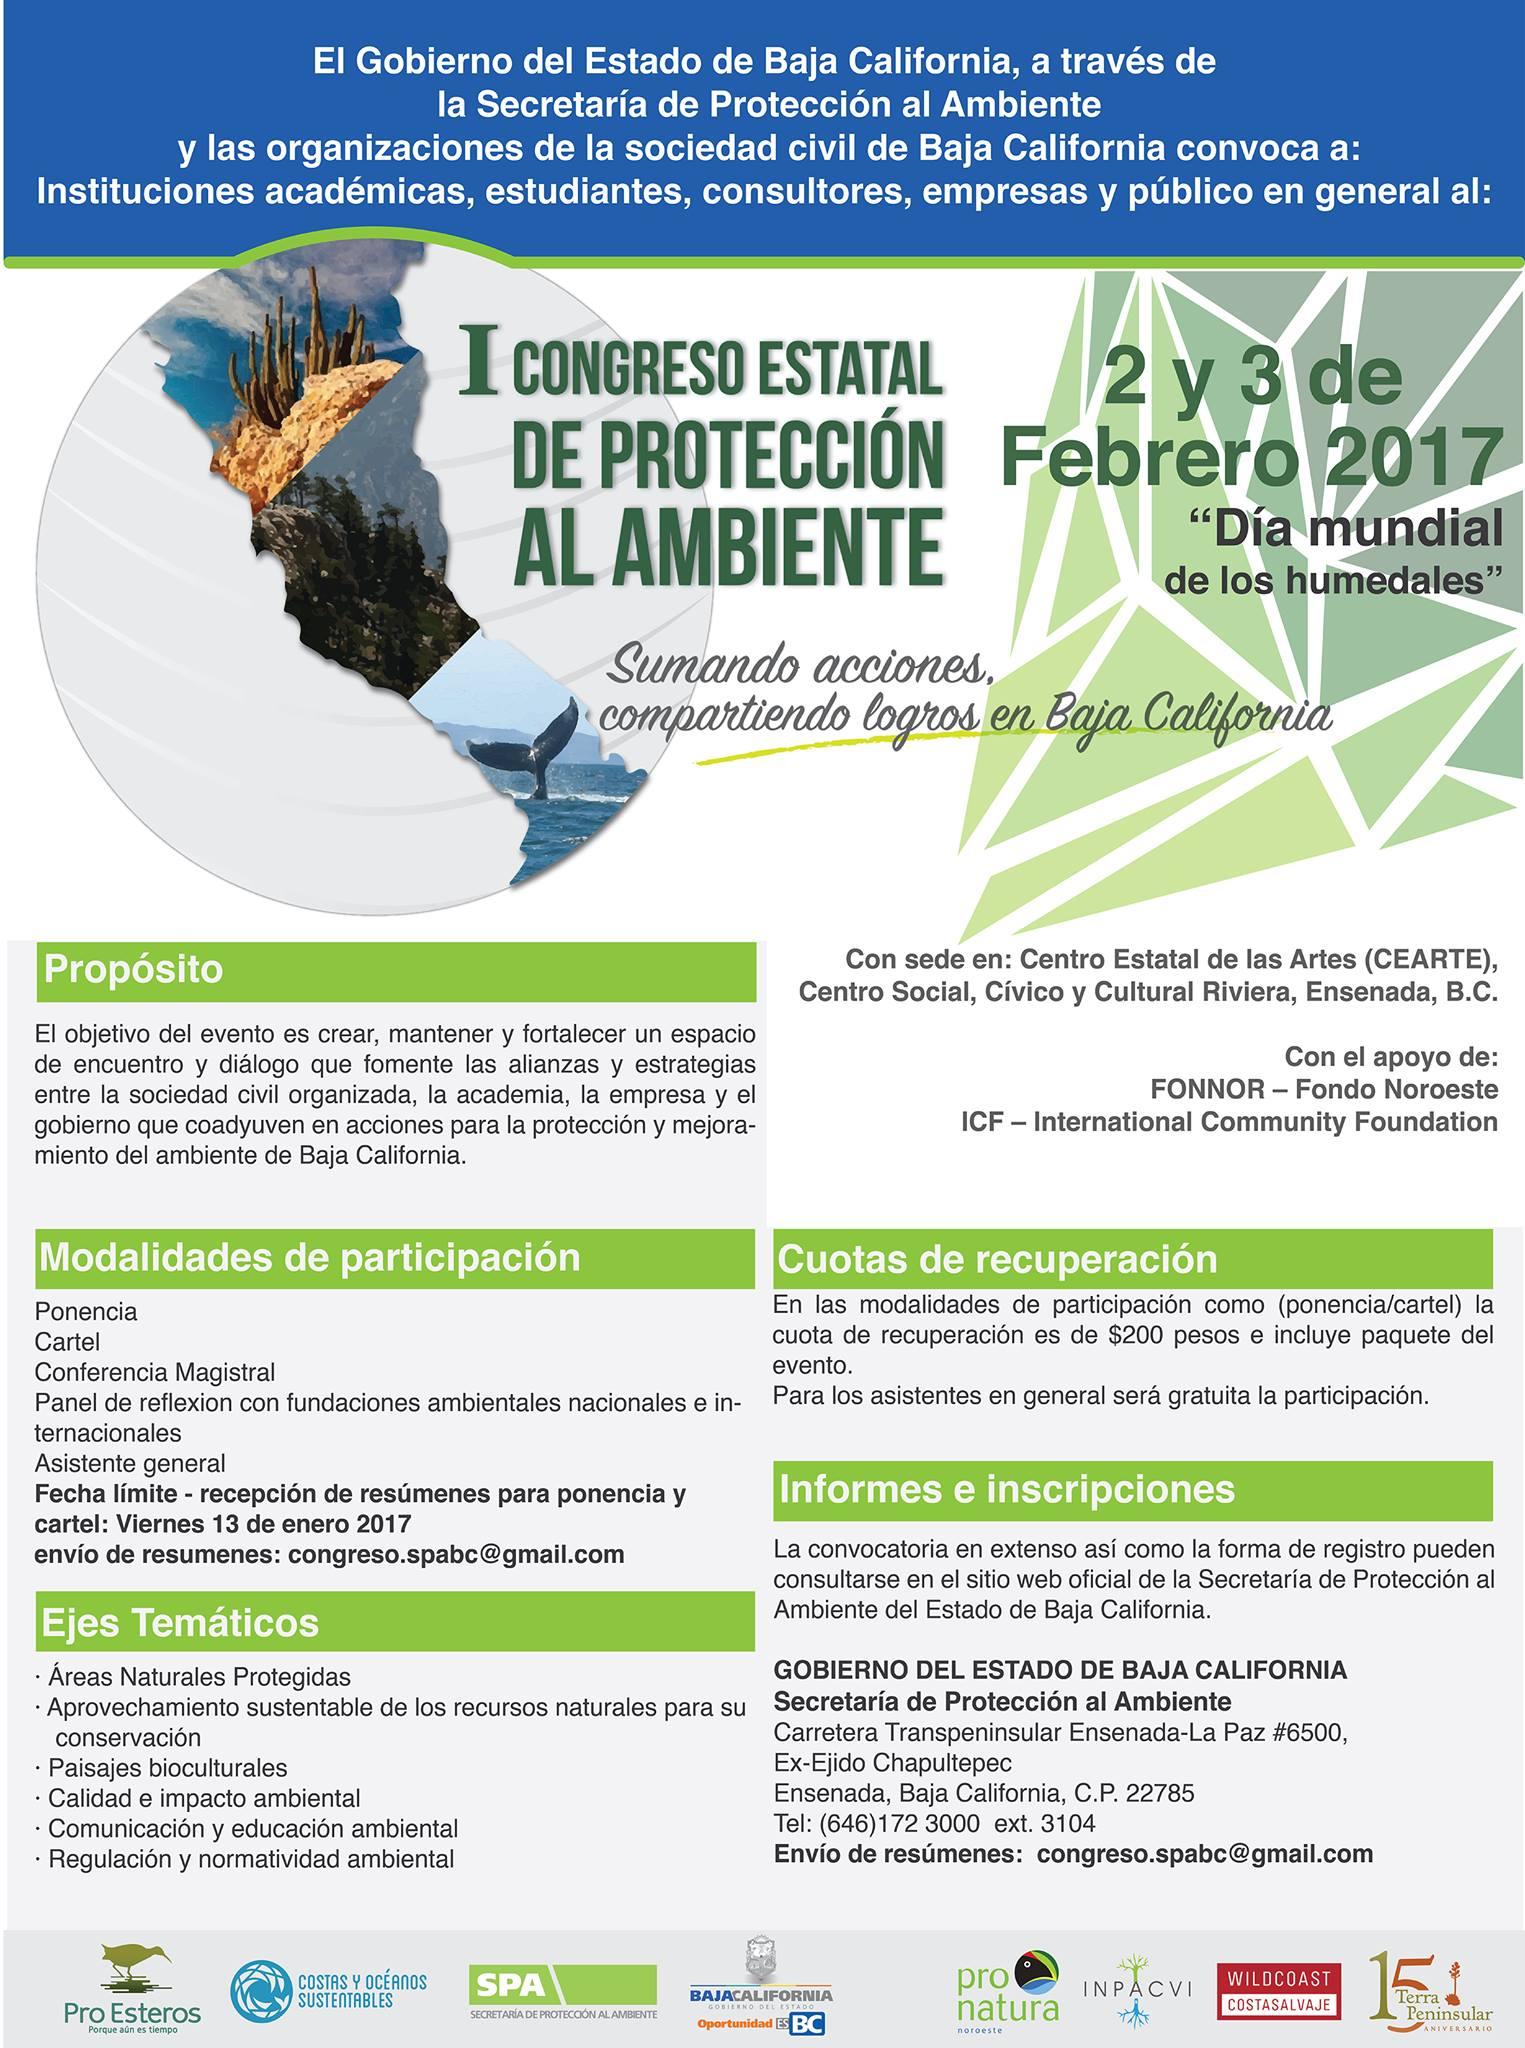 Convocatoria I Congreso Estatal de Protección al Ambiente 2016